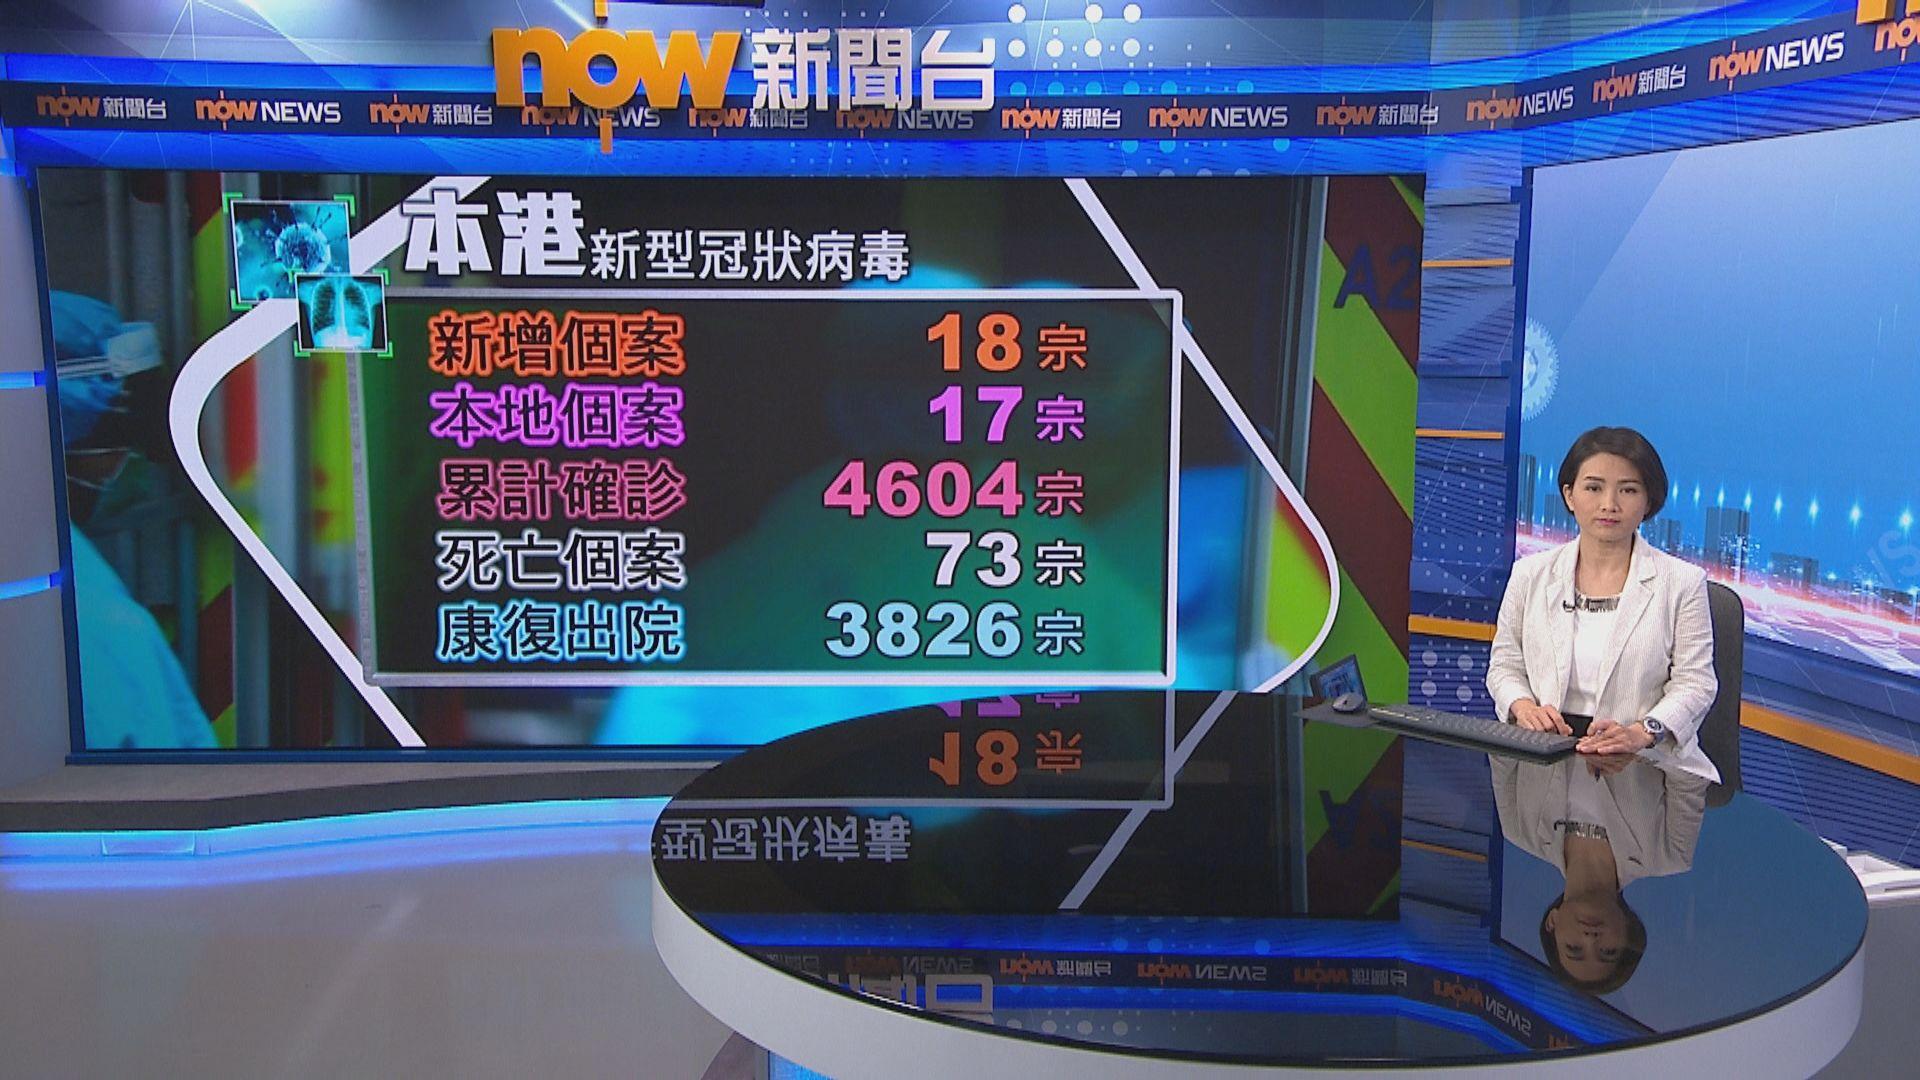 本港多18宗確診 張竹君:數字回落與颱風影響檢測有關